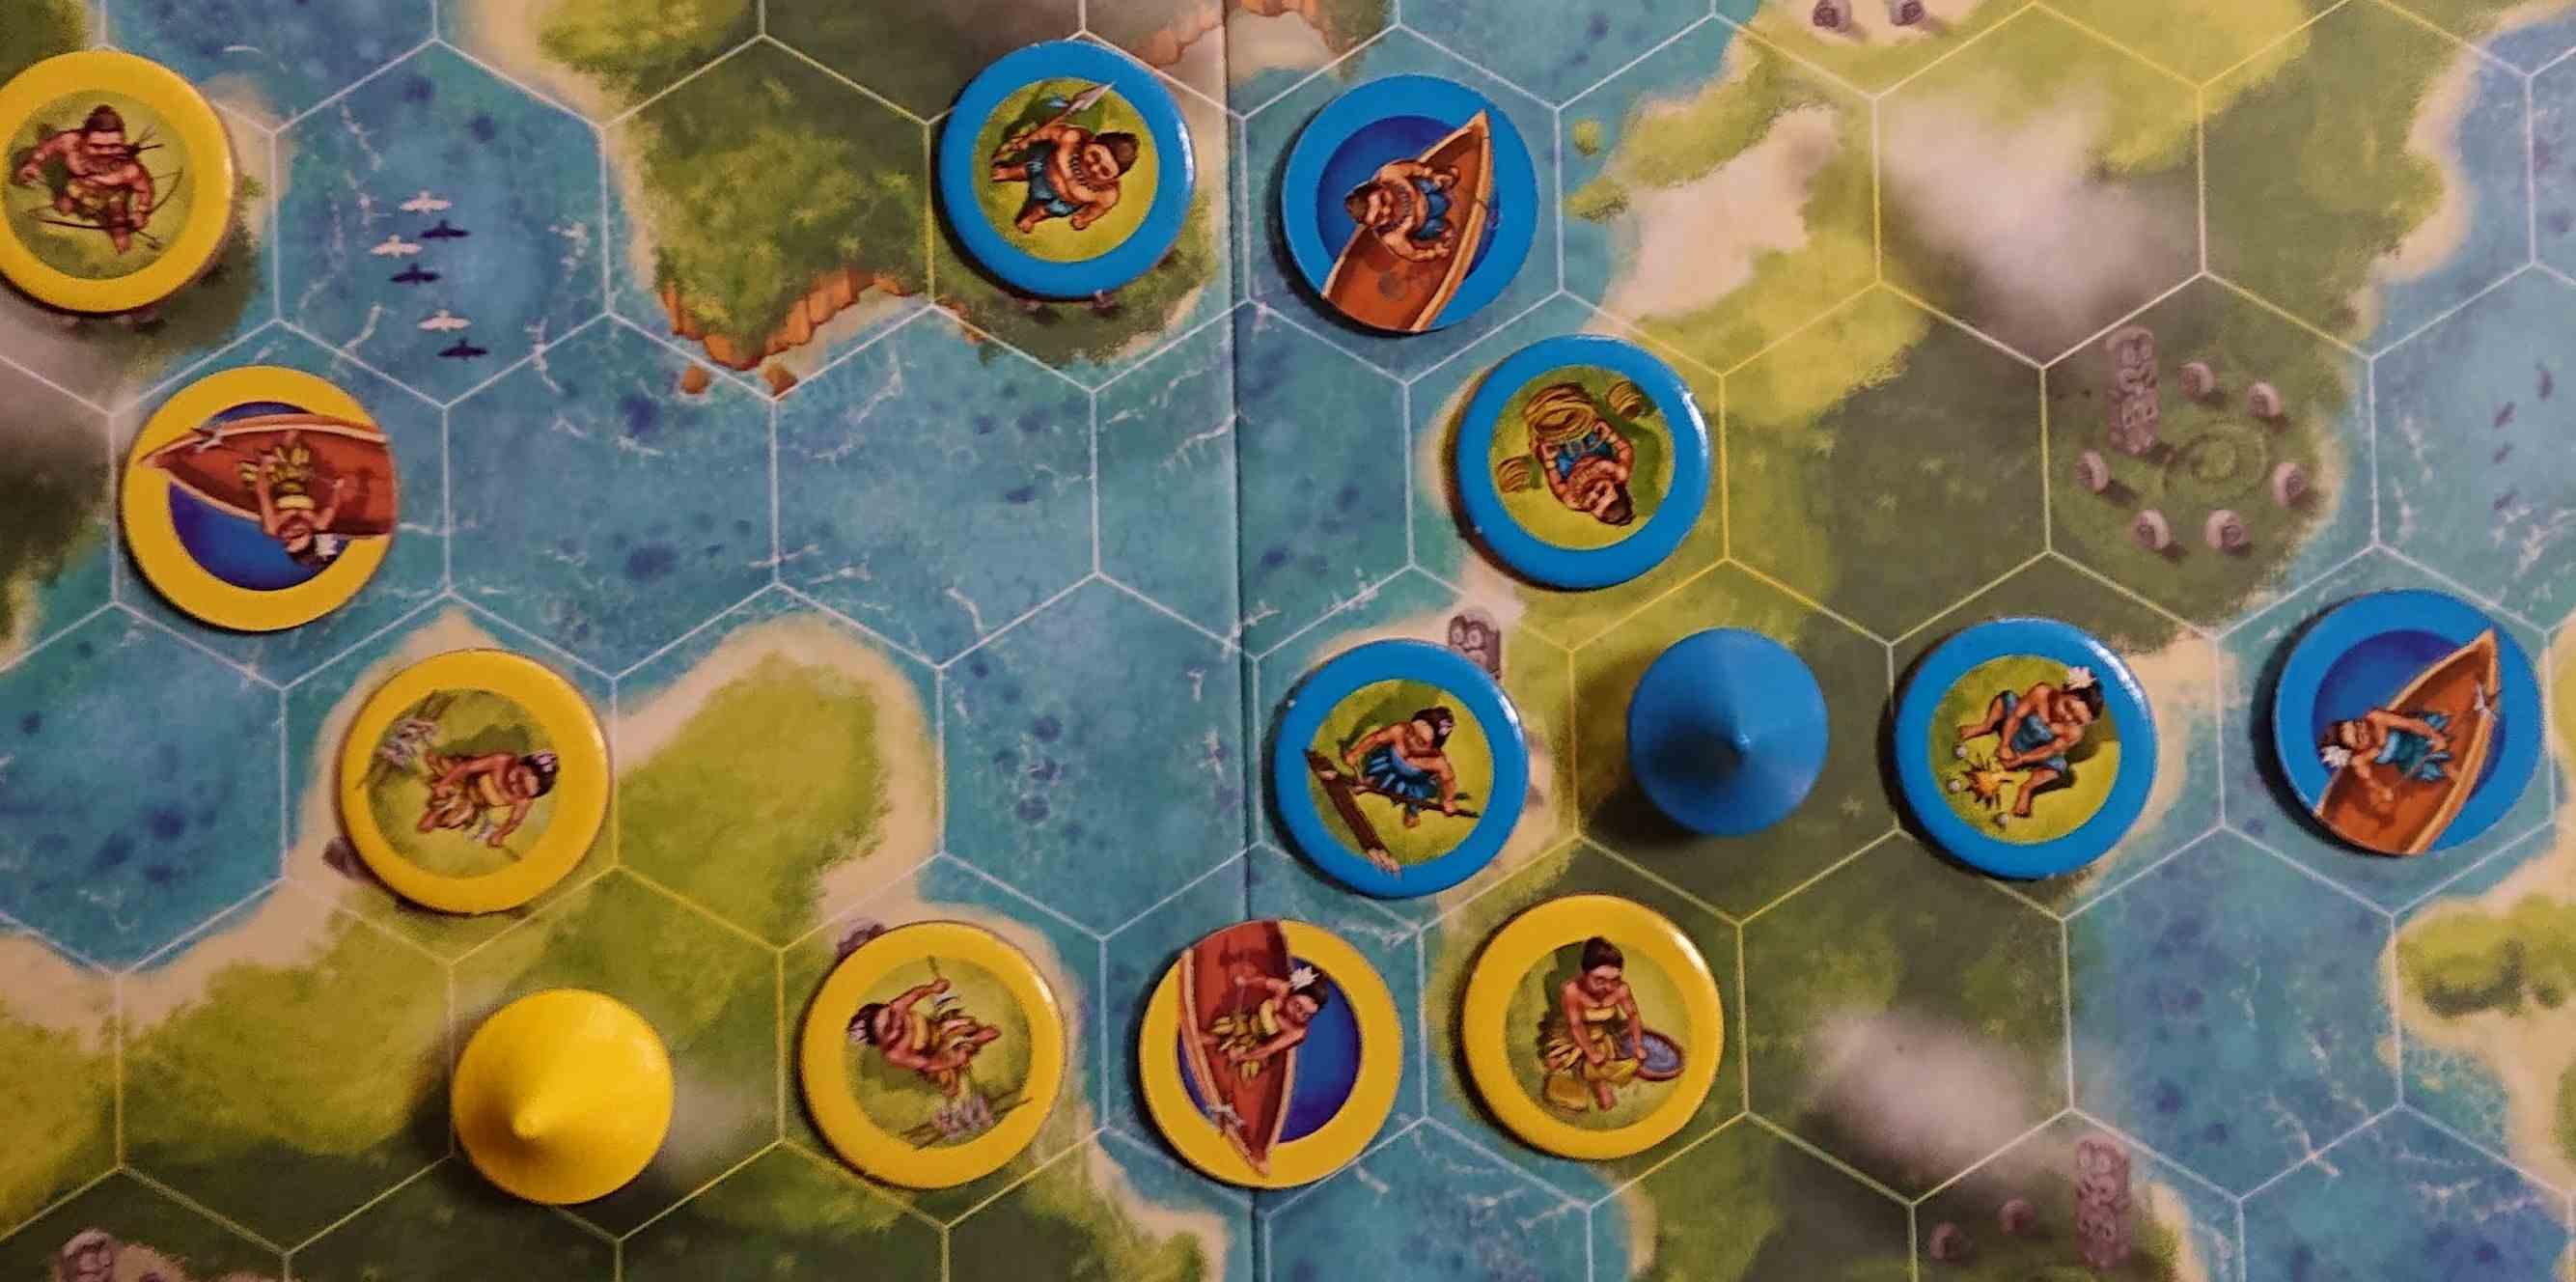 ブルーラグーン ルールがシンプルなのに面白い! 部族を島々に広げていく陣取りゲーム ボードゲーム